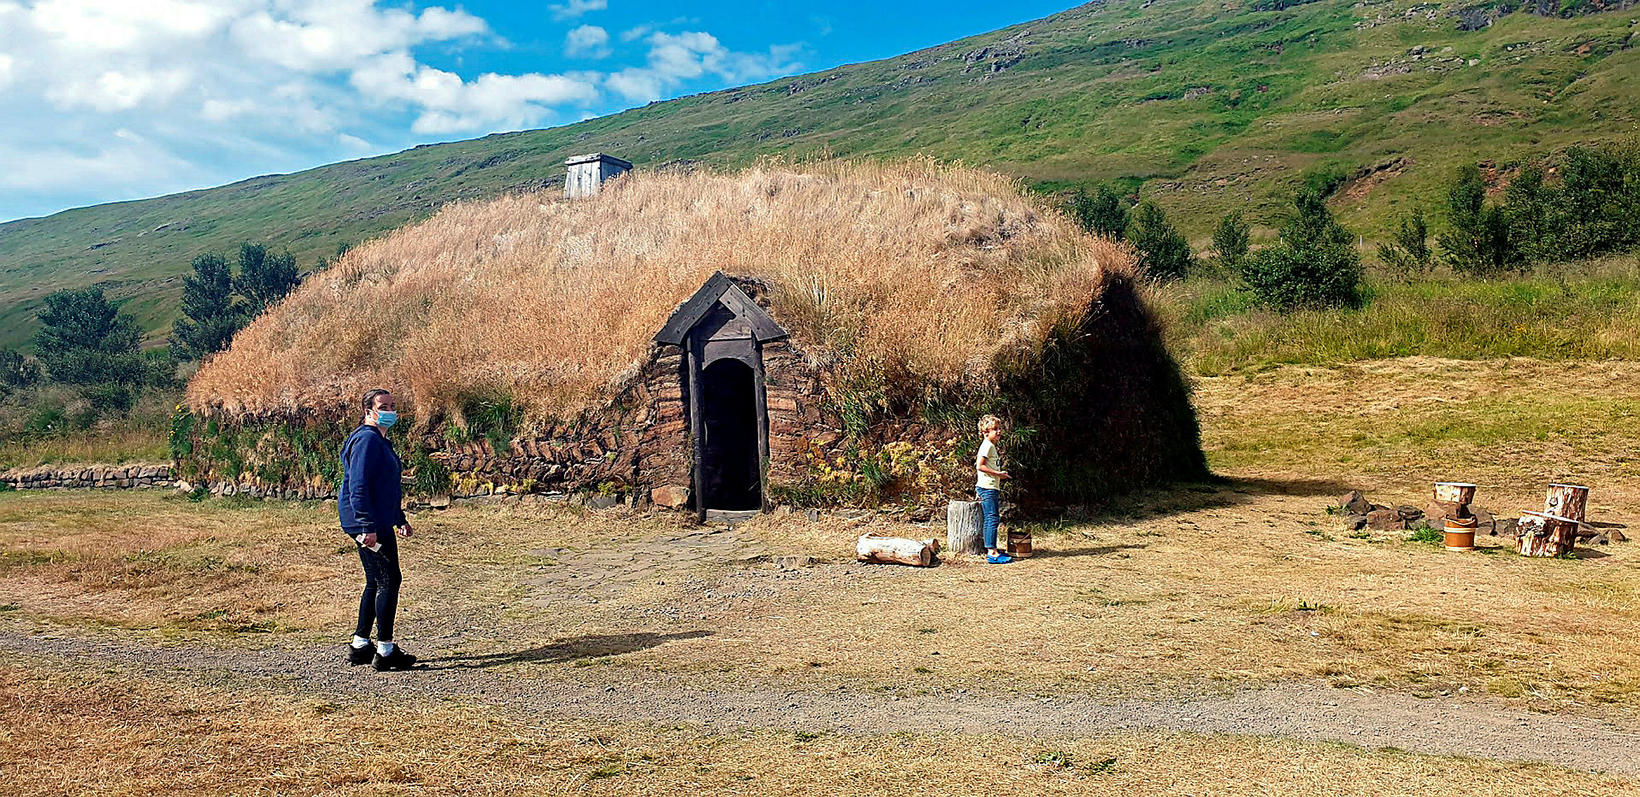 The longhouse at Eiríksstaðir.